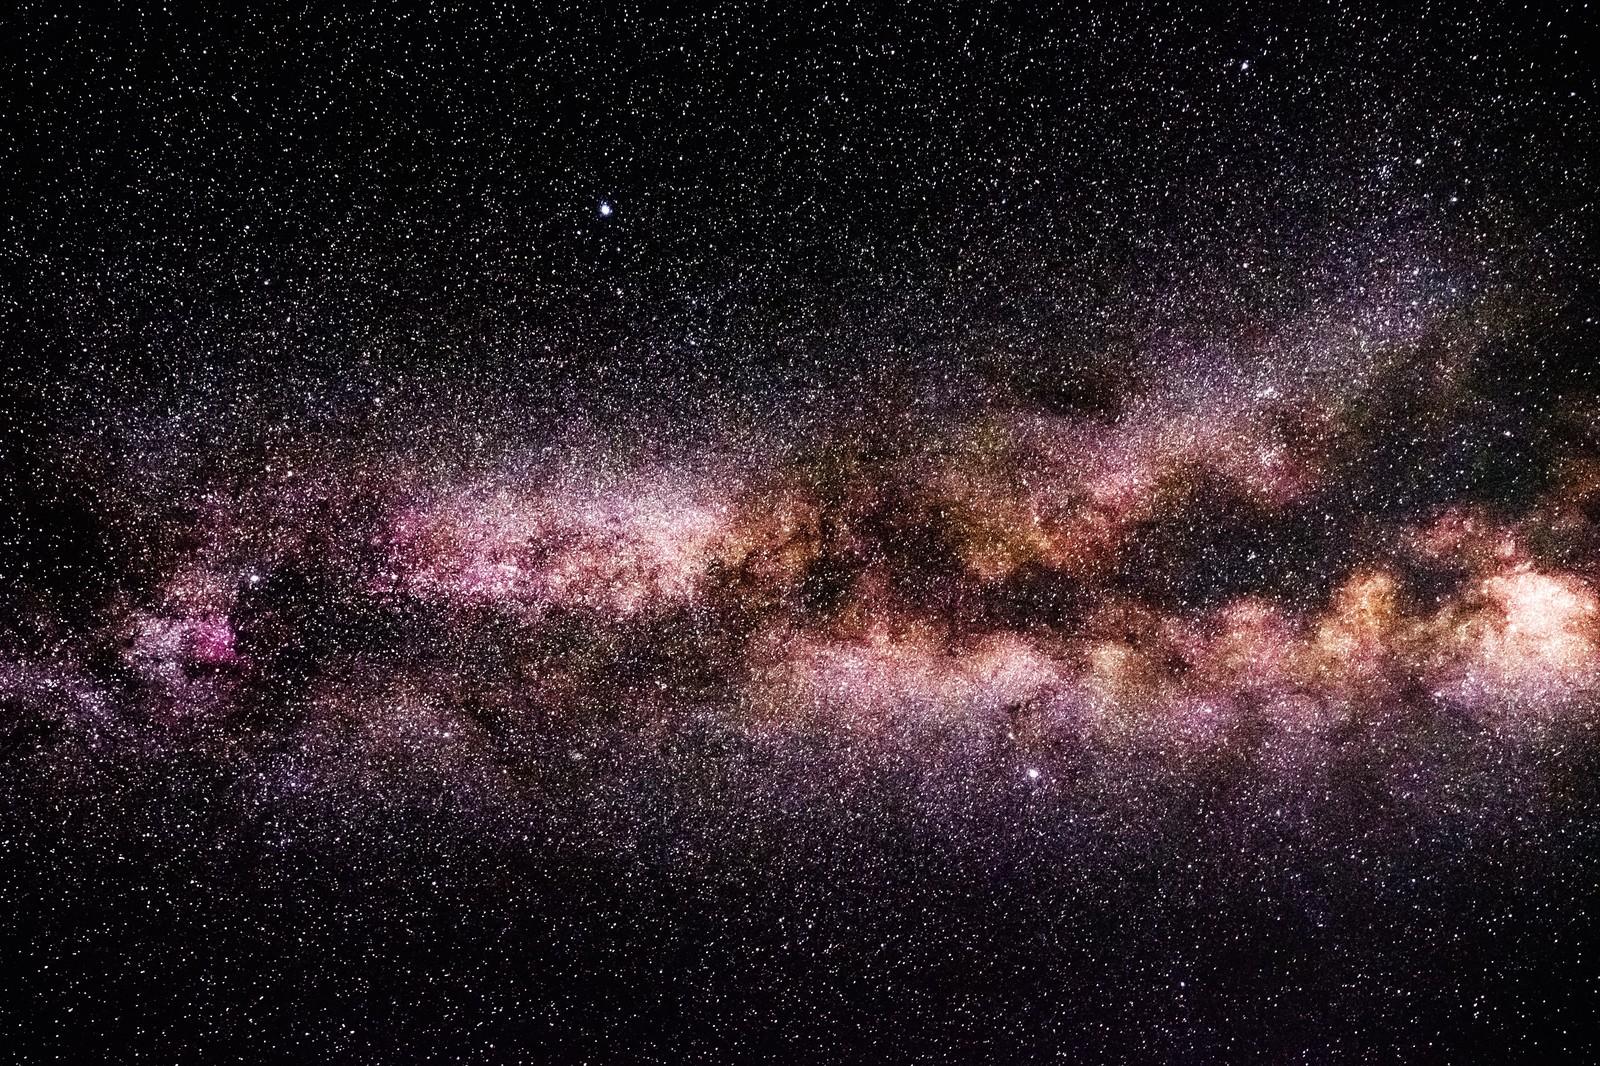 「満天の星々を望む(岡山県鏡野町笠菅峠から撮影)」の写真